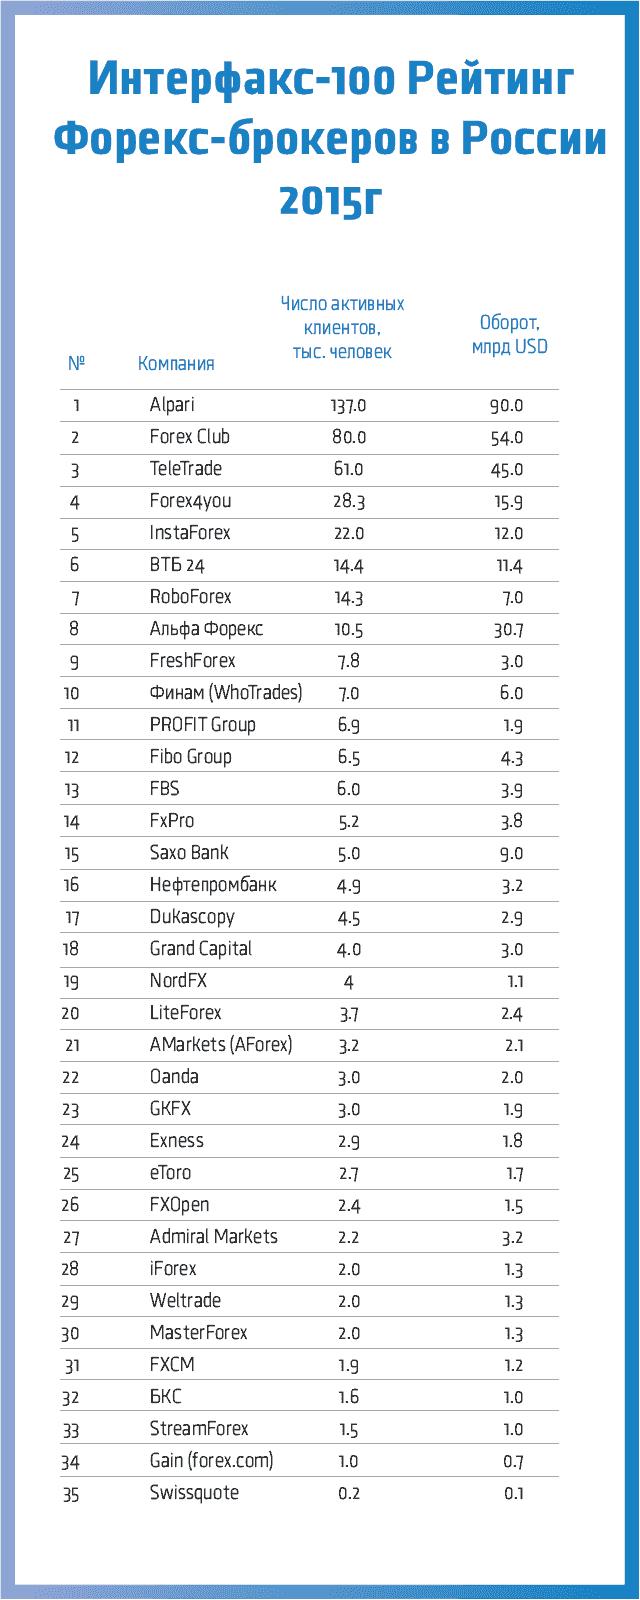 Авторитетный рейтинг форекс-брокеров что нужно чтобы зарабатывать биткоины